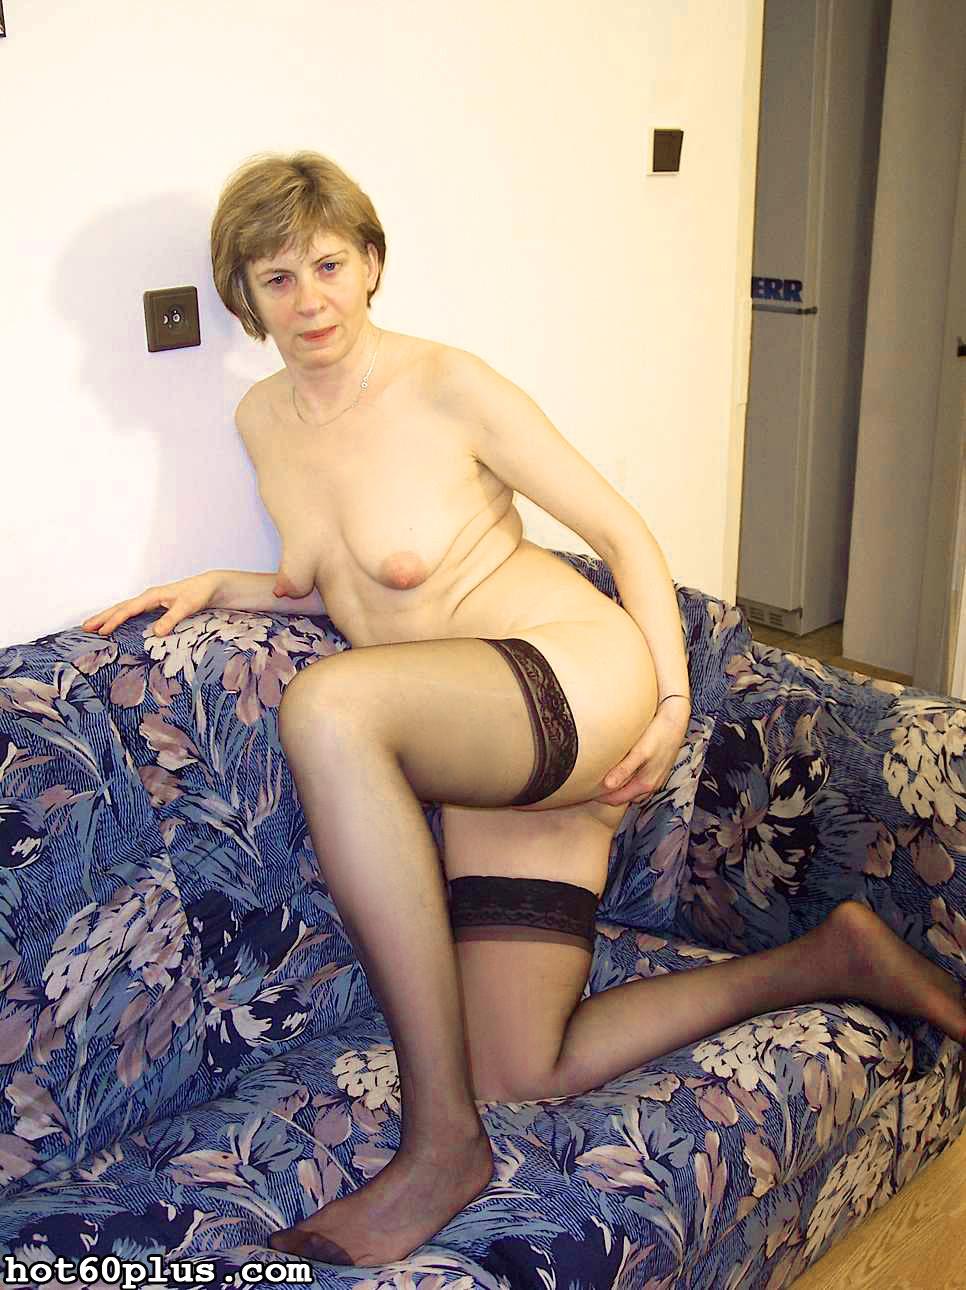 ХХХ фотки про трах с мамой на диване. Фото - 1